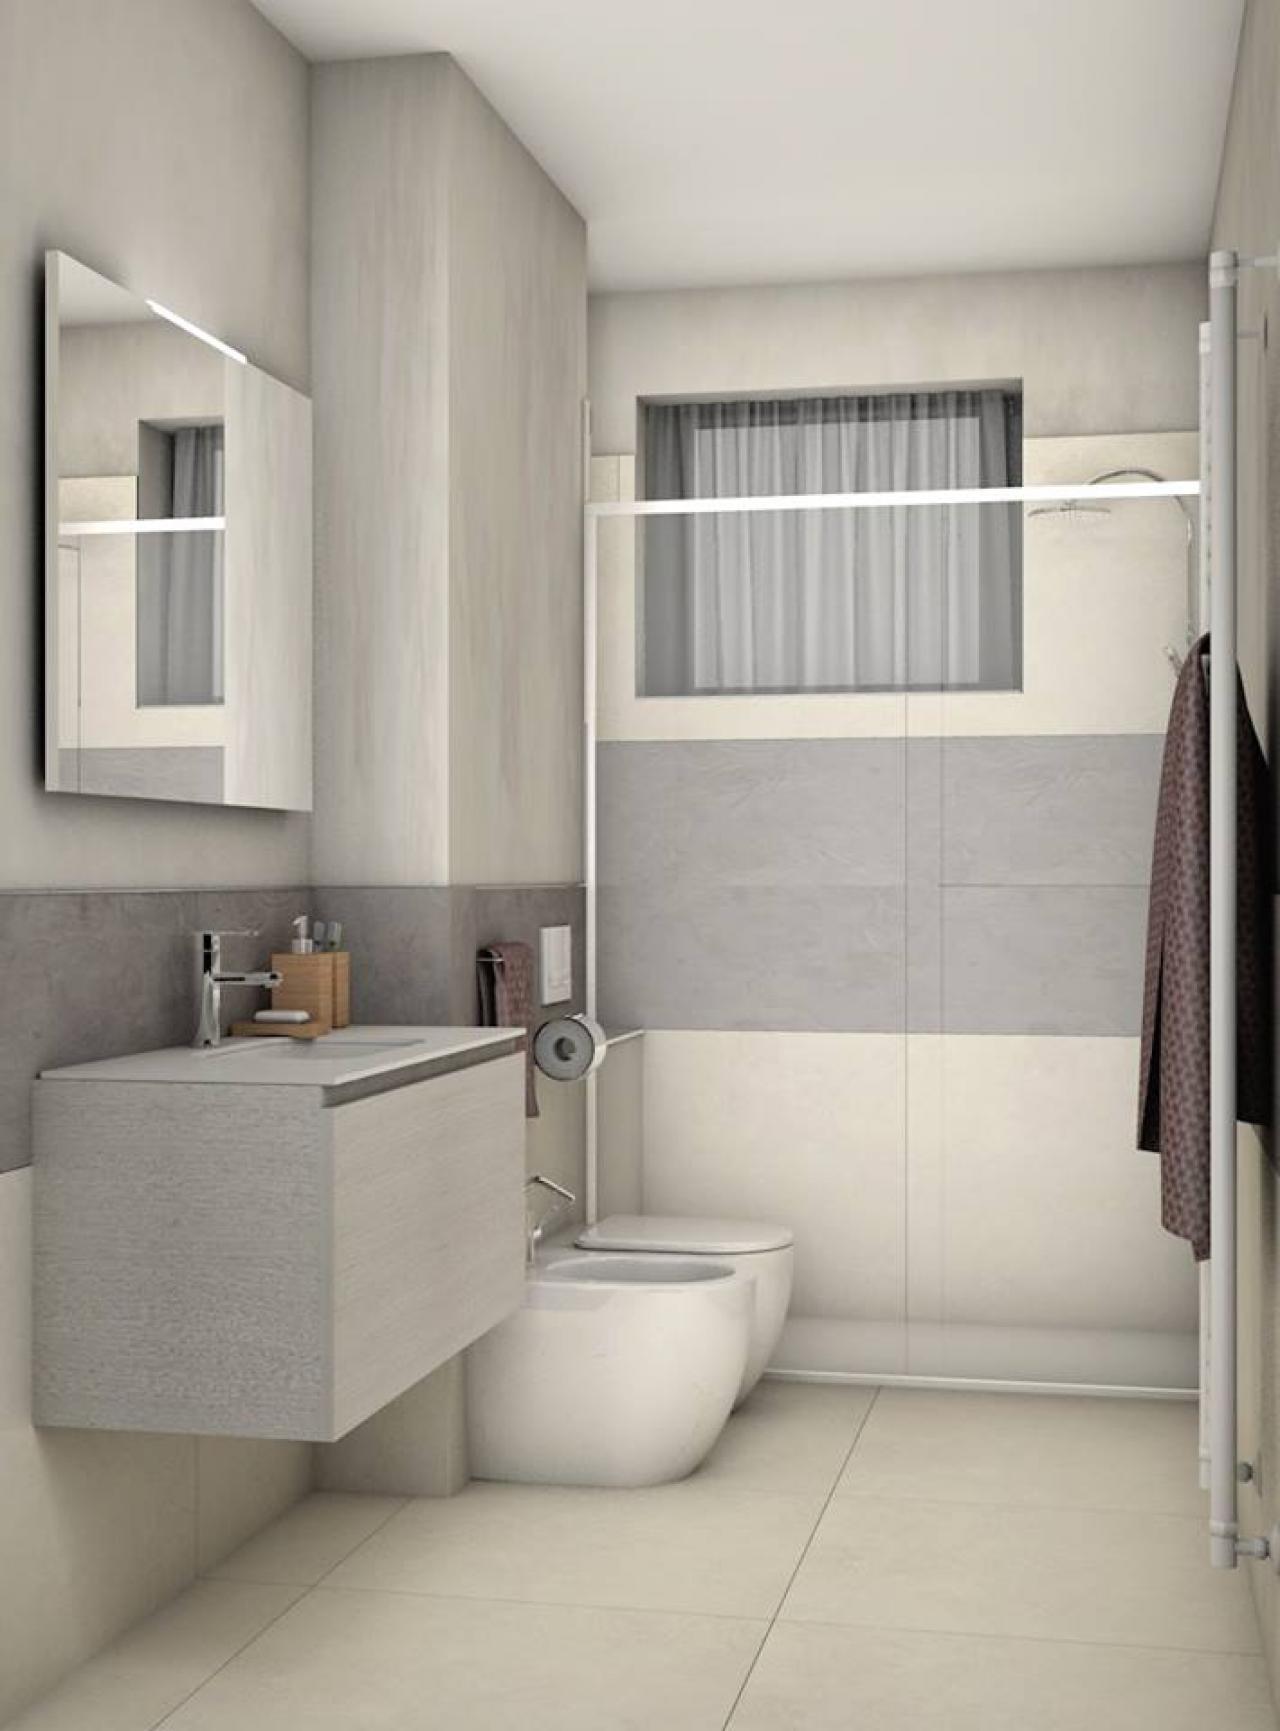 Immagini bagni moderni con doccia gallery of bagno moderno con doccia in mezzo al locale with - Bagno moderno con doccia ...